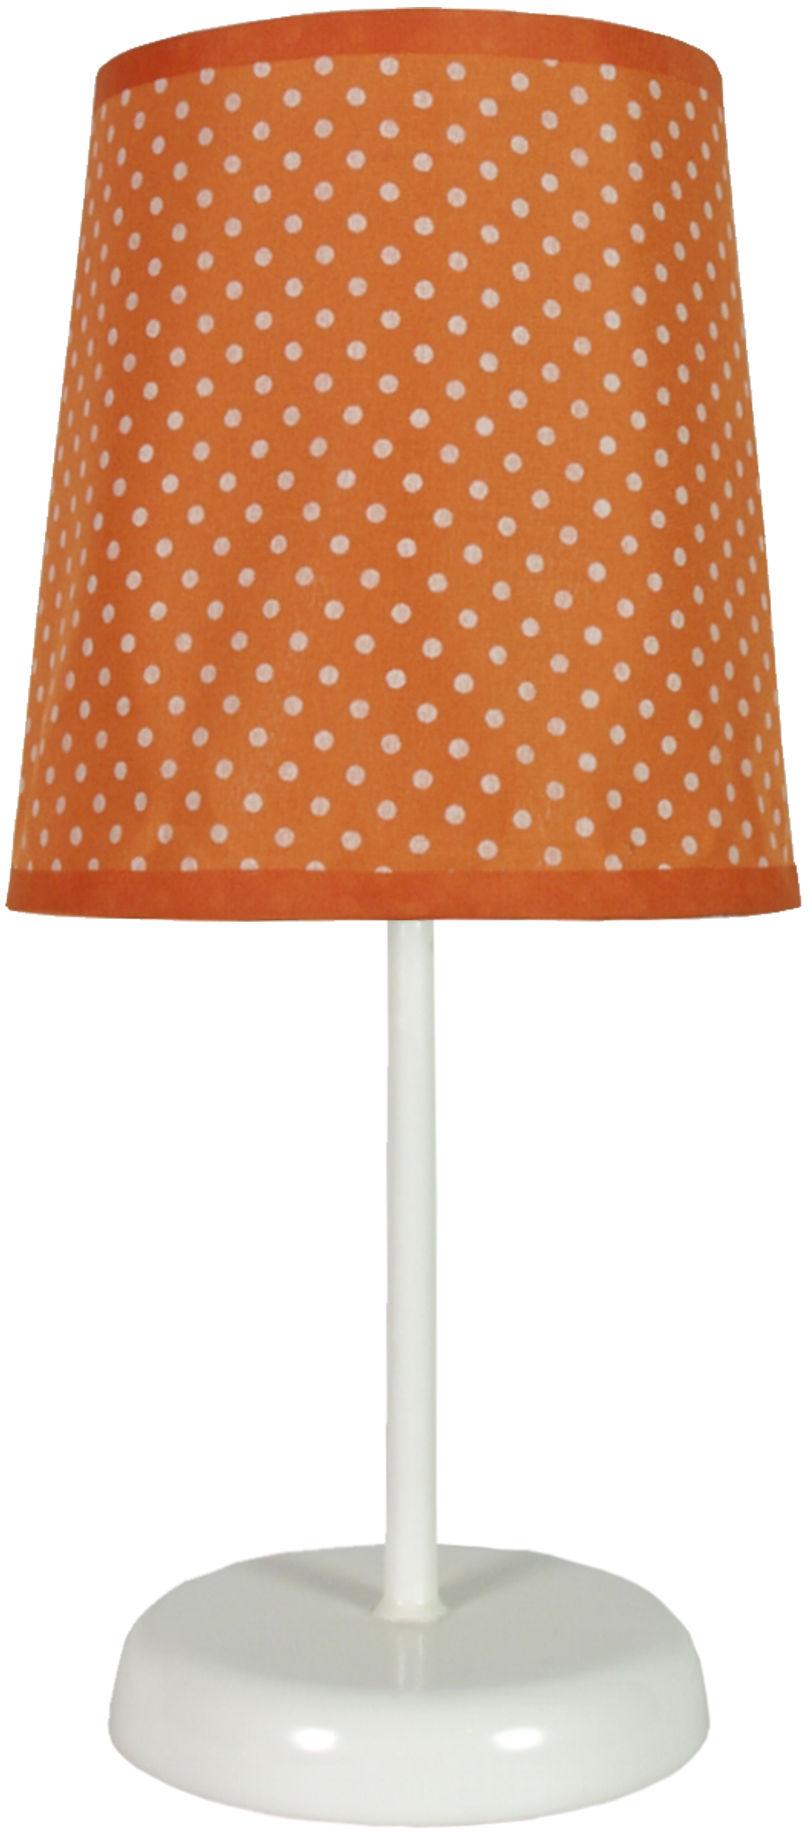 Candellux GALA 41-98286 lampa stołowa abażur pomarańczowa w kropki 1X40W E14 14 cm